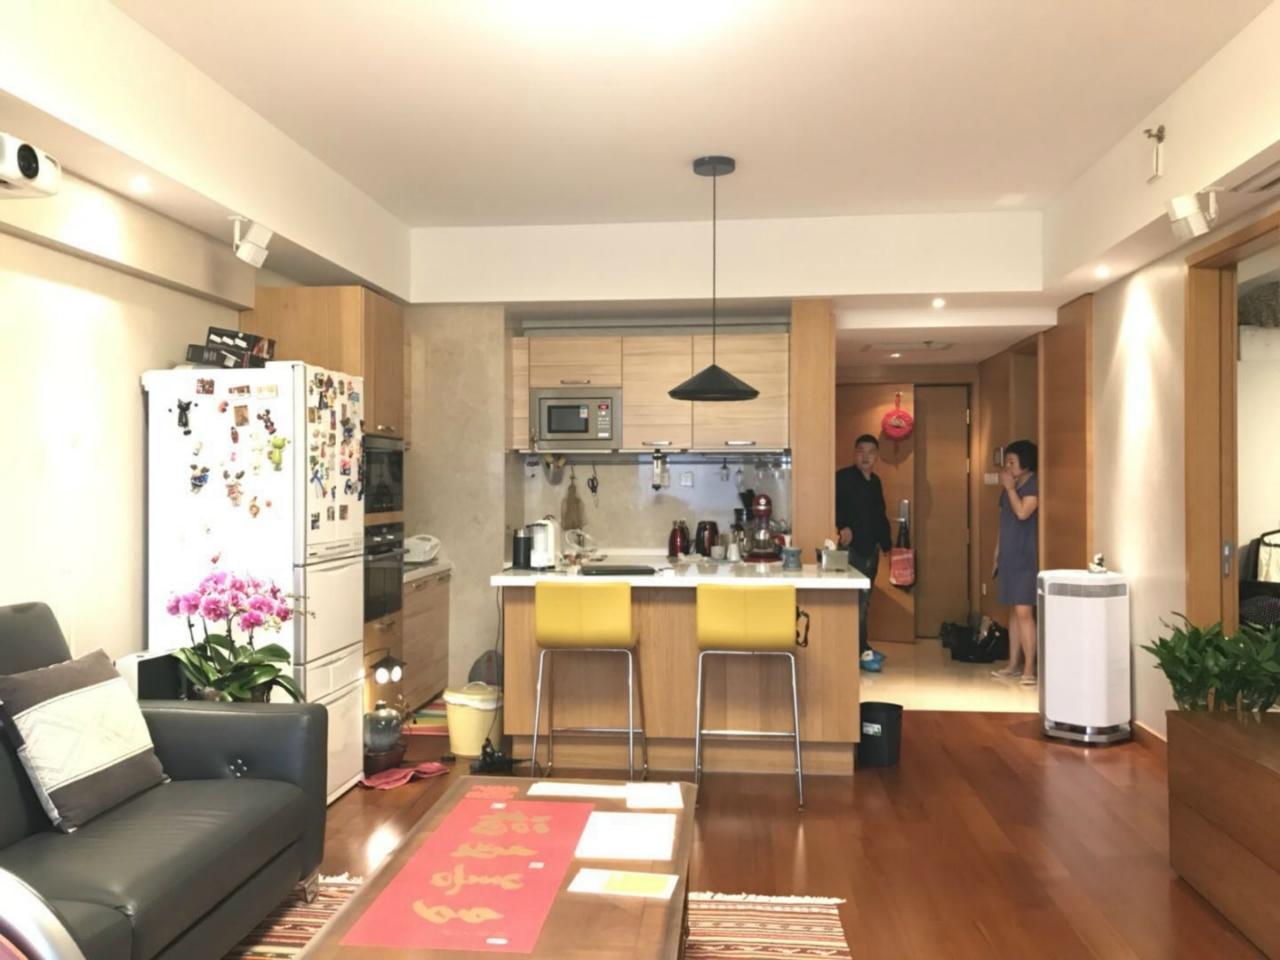 金茂府 2室出售 户型方正 西南 朝向  恒温恒湿恒氧科技住宅